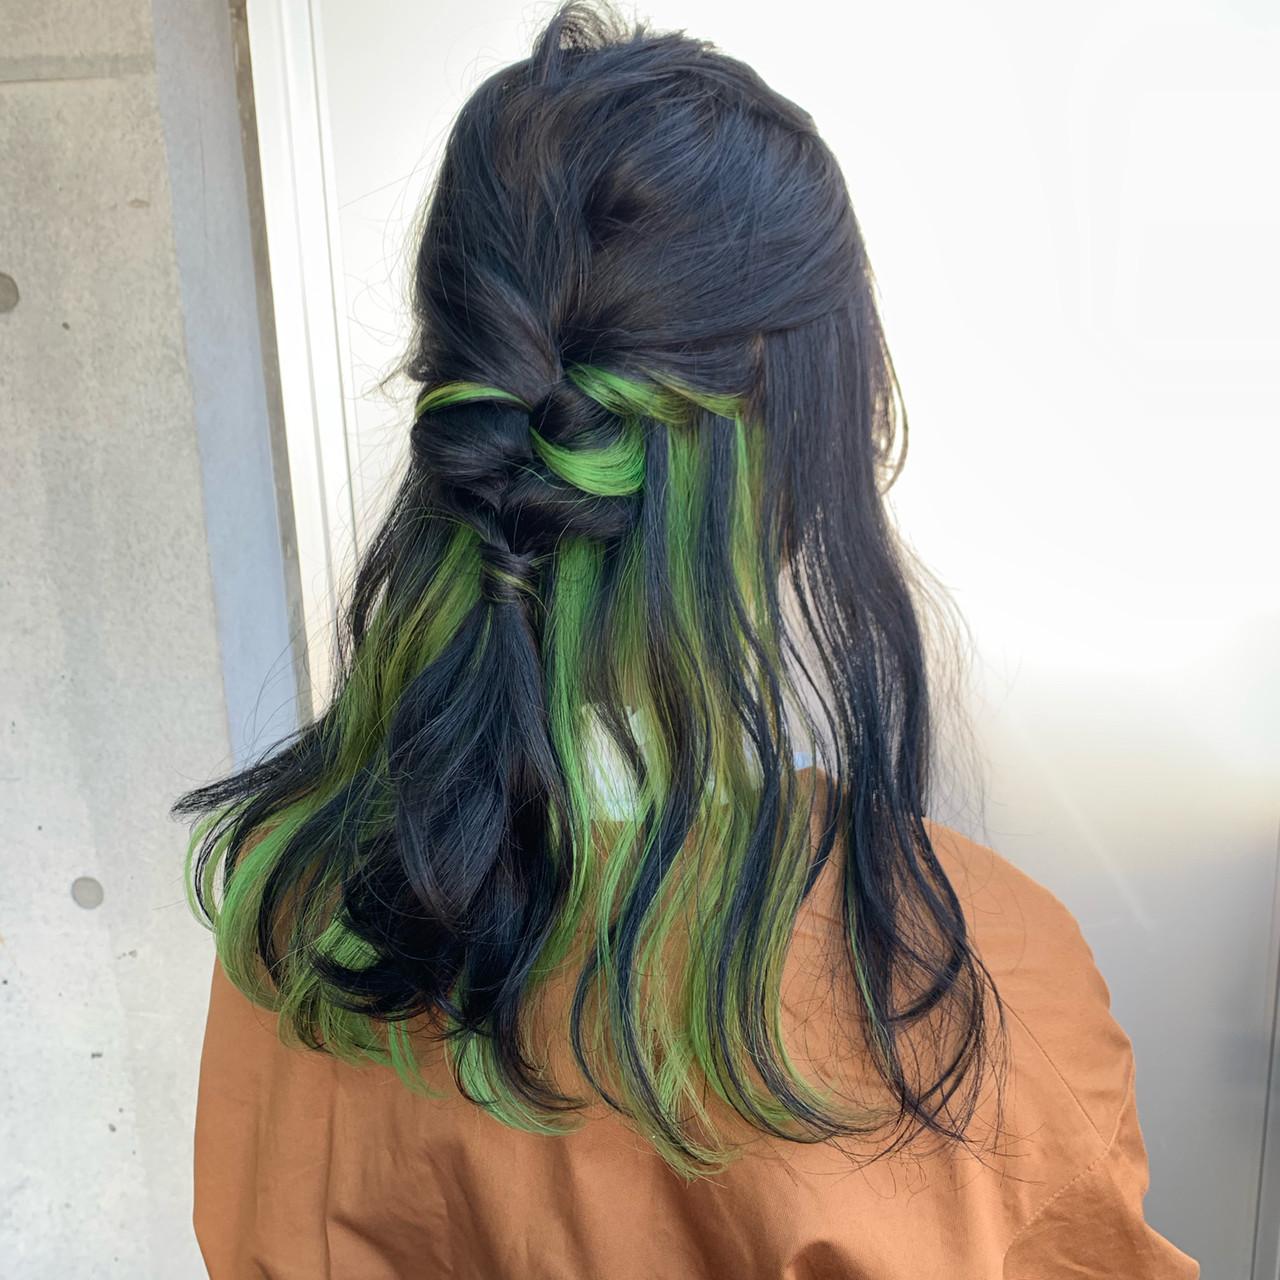 セミロング ストリート ユニコーンカラー インナーカラーライム ヘアスタイルや髪型の写真・画像 | アヤ / Lano by HAIR